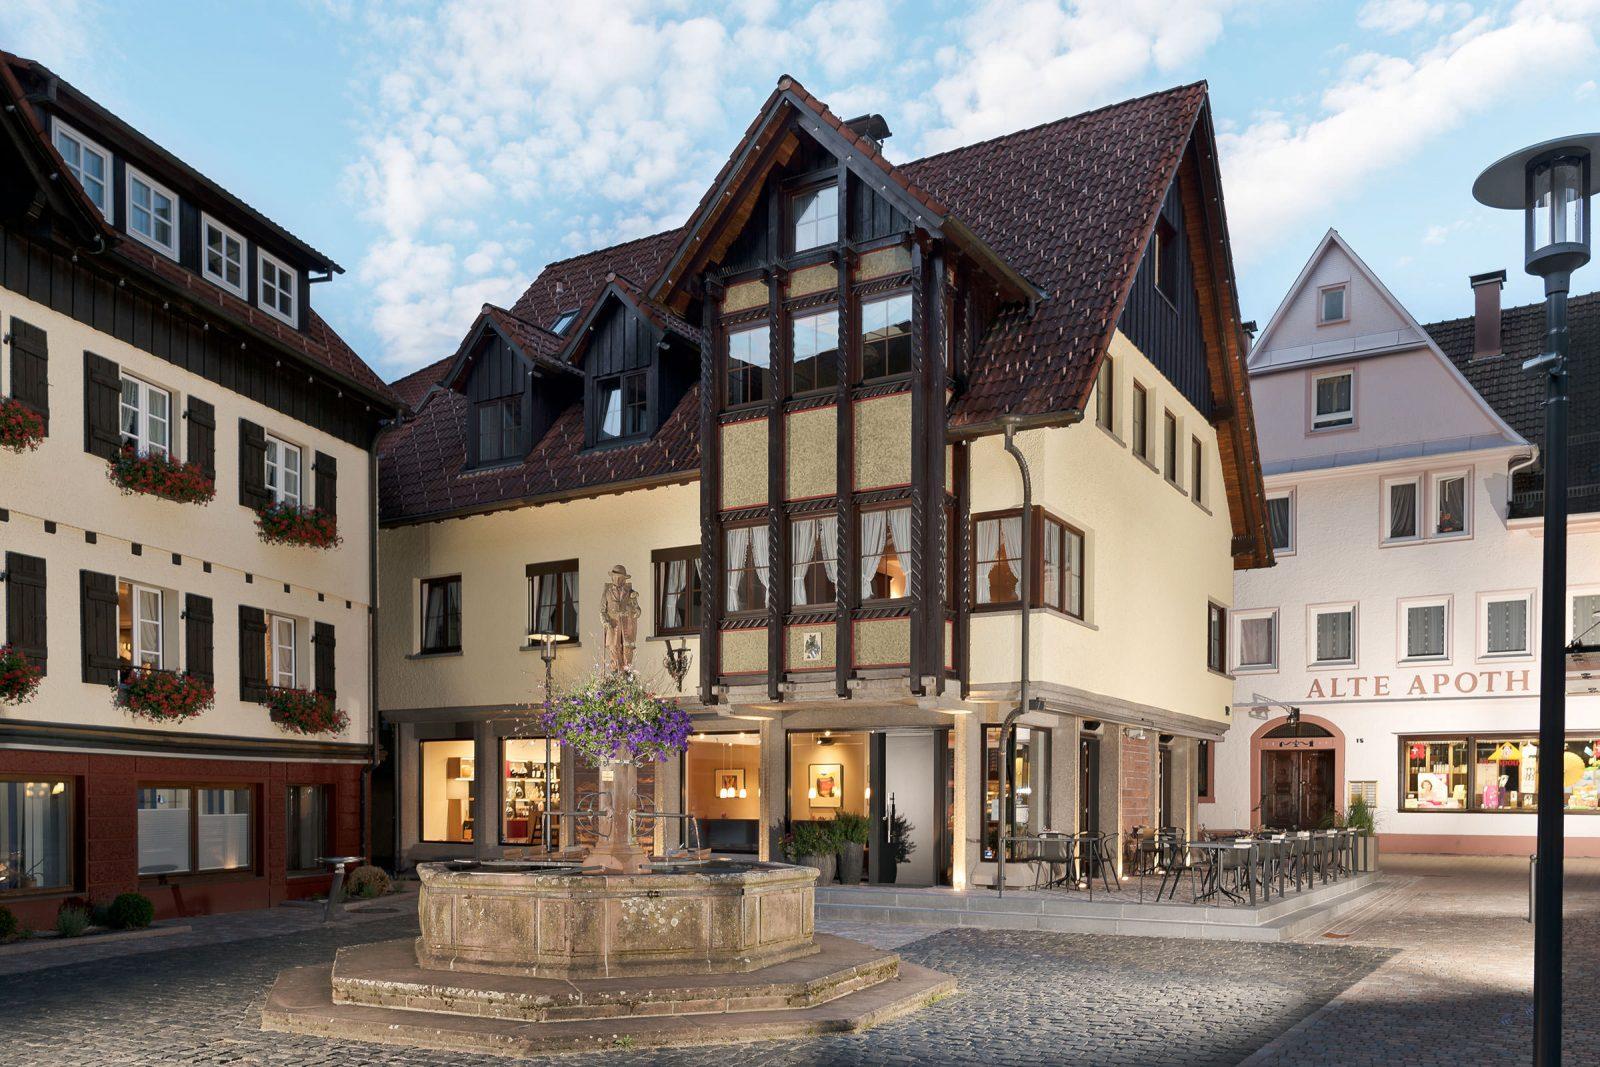 hirschbrunnen-cafe-fotografie